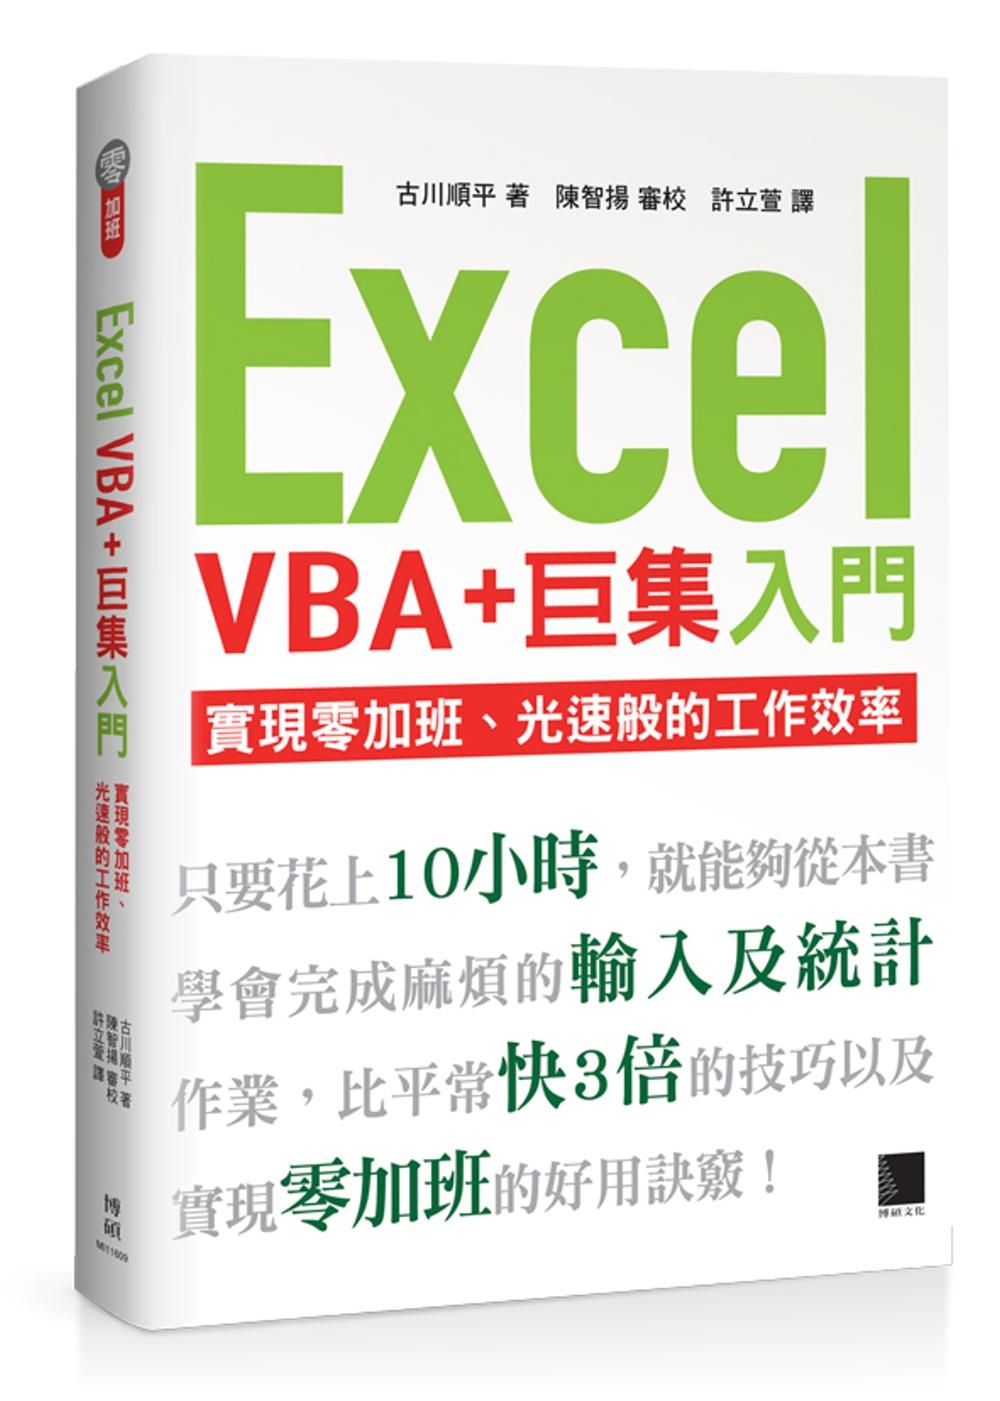 Excel VBA+巨集入門:實現零加班、光速般的工作效率